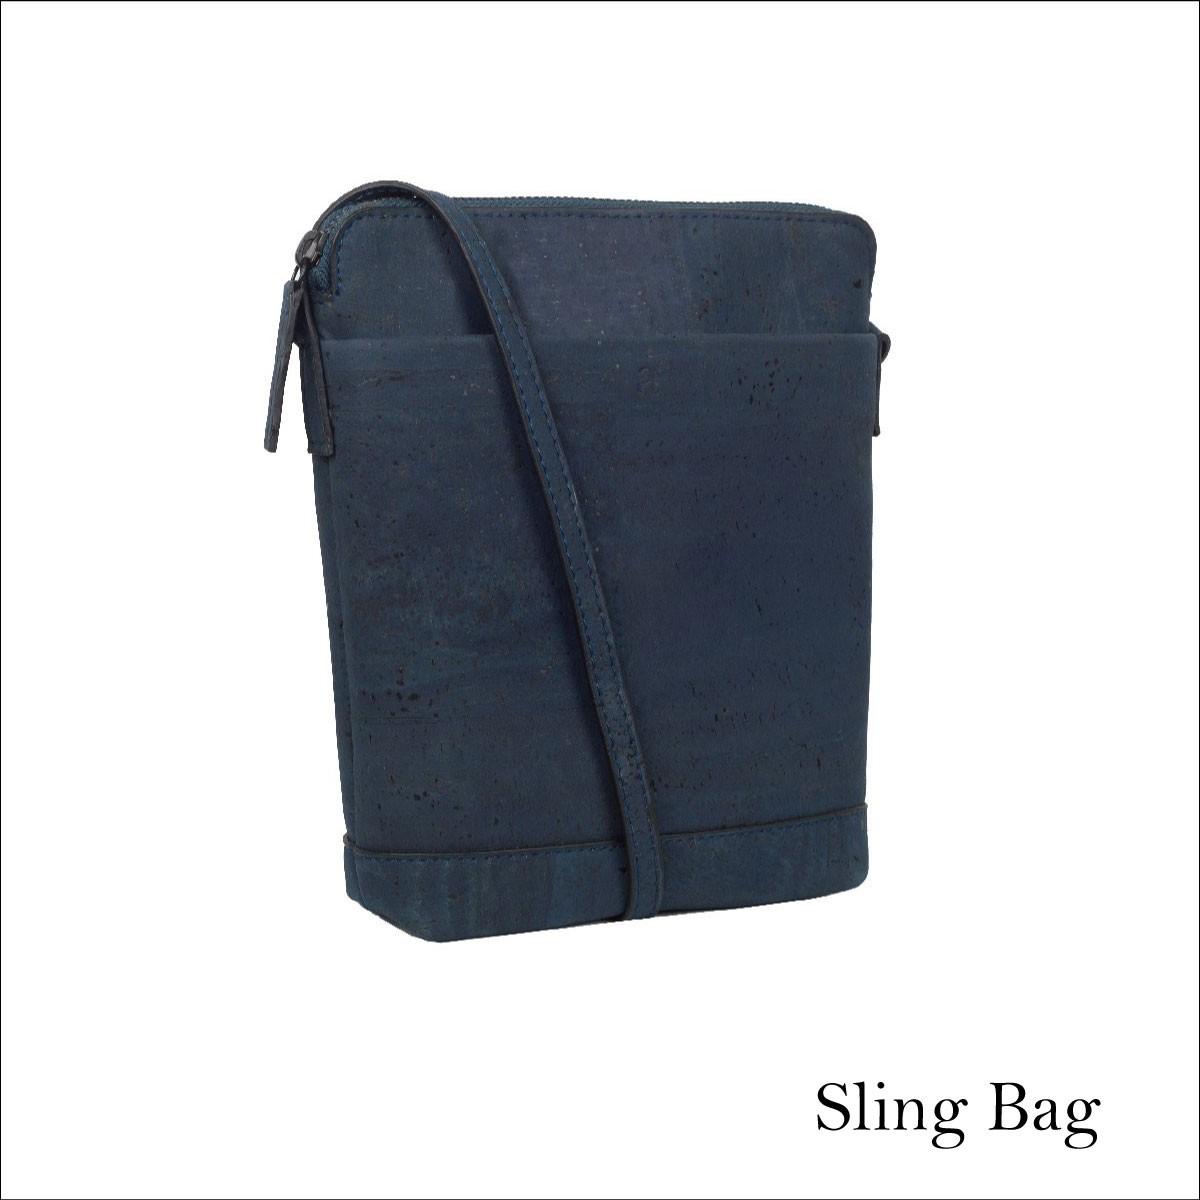 0291f09a9f1 VEGAN CORK SLING BAG BLUE / ショルダーバッグ コルク製 斜め掛け ...